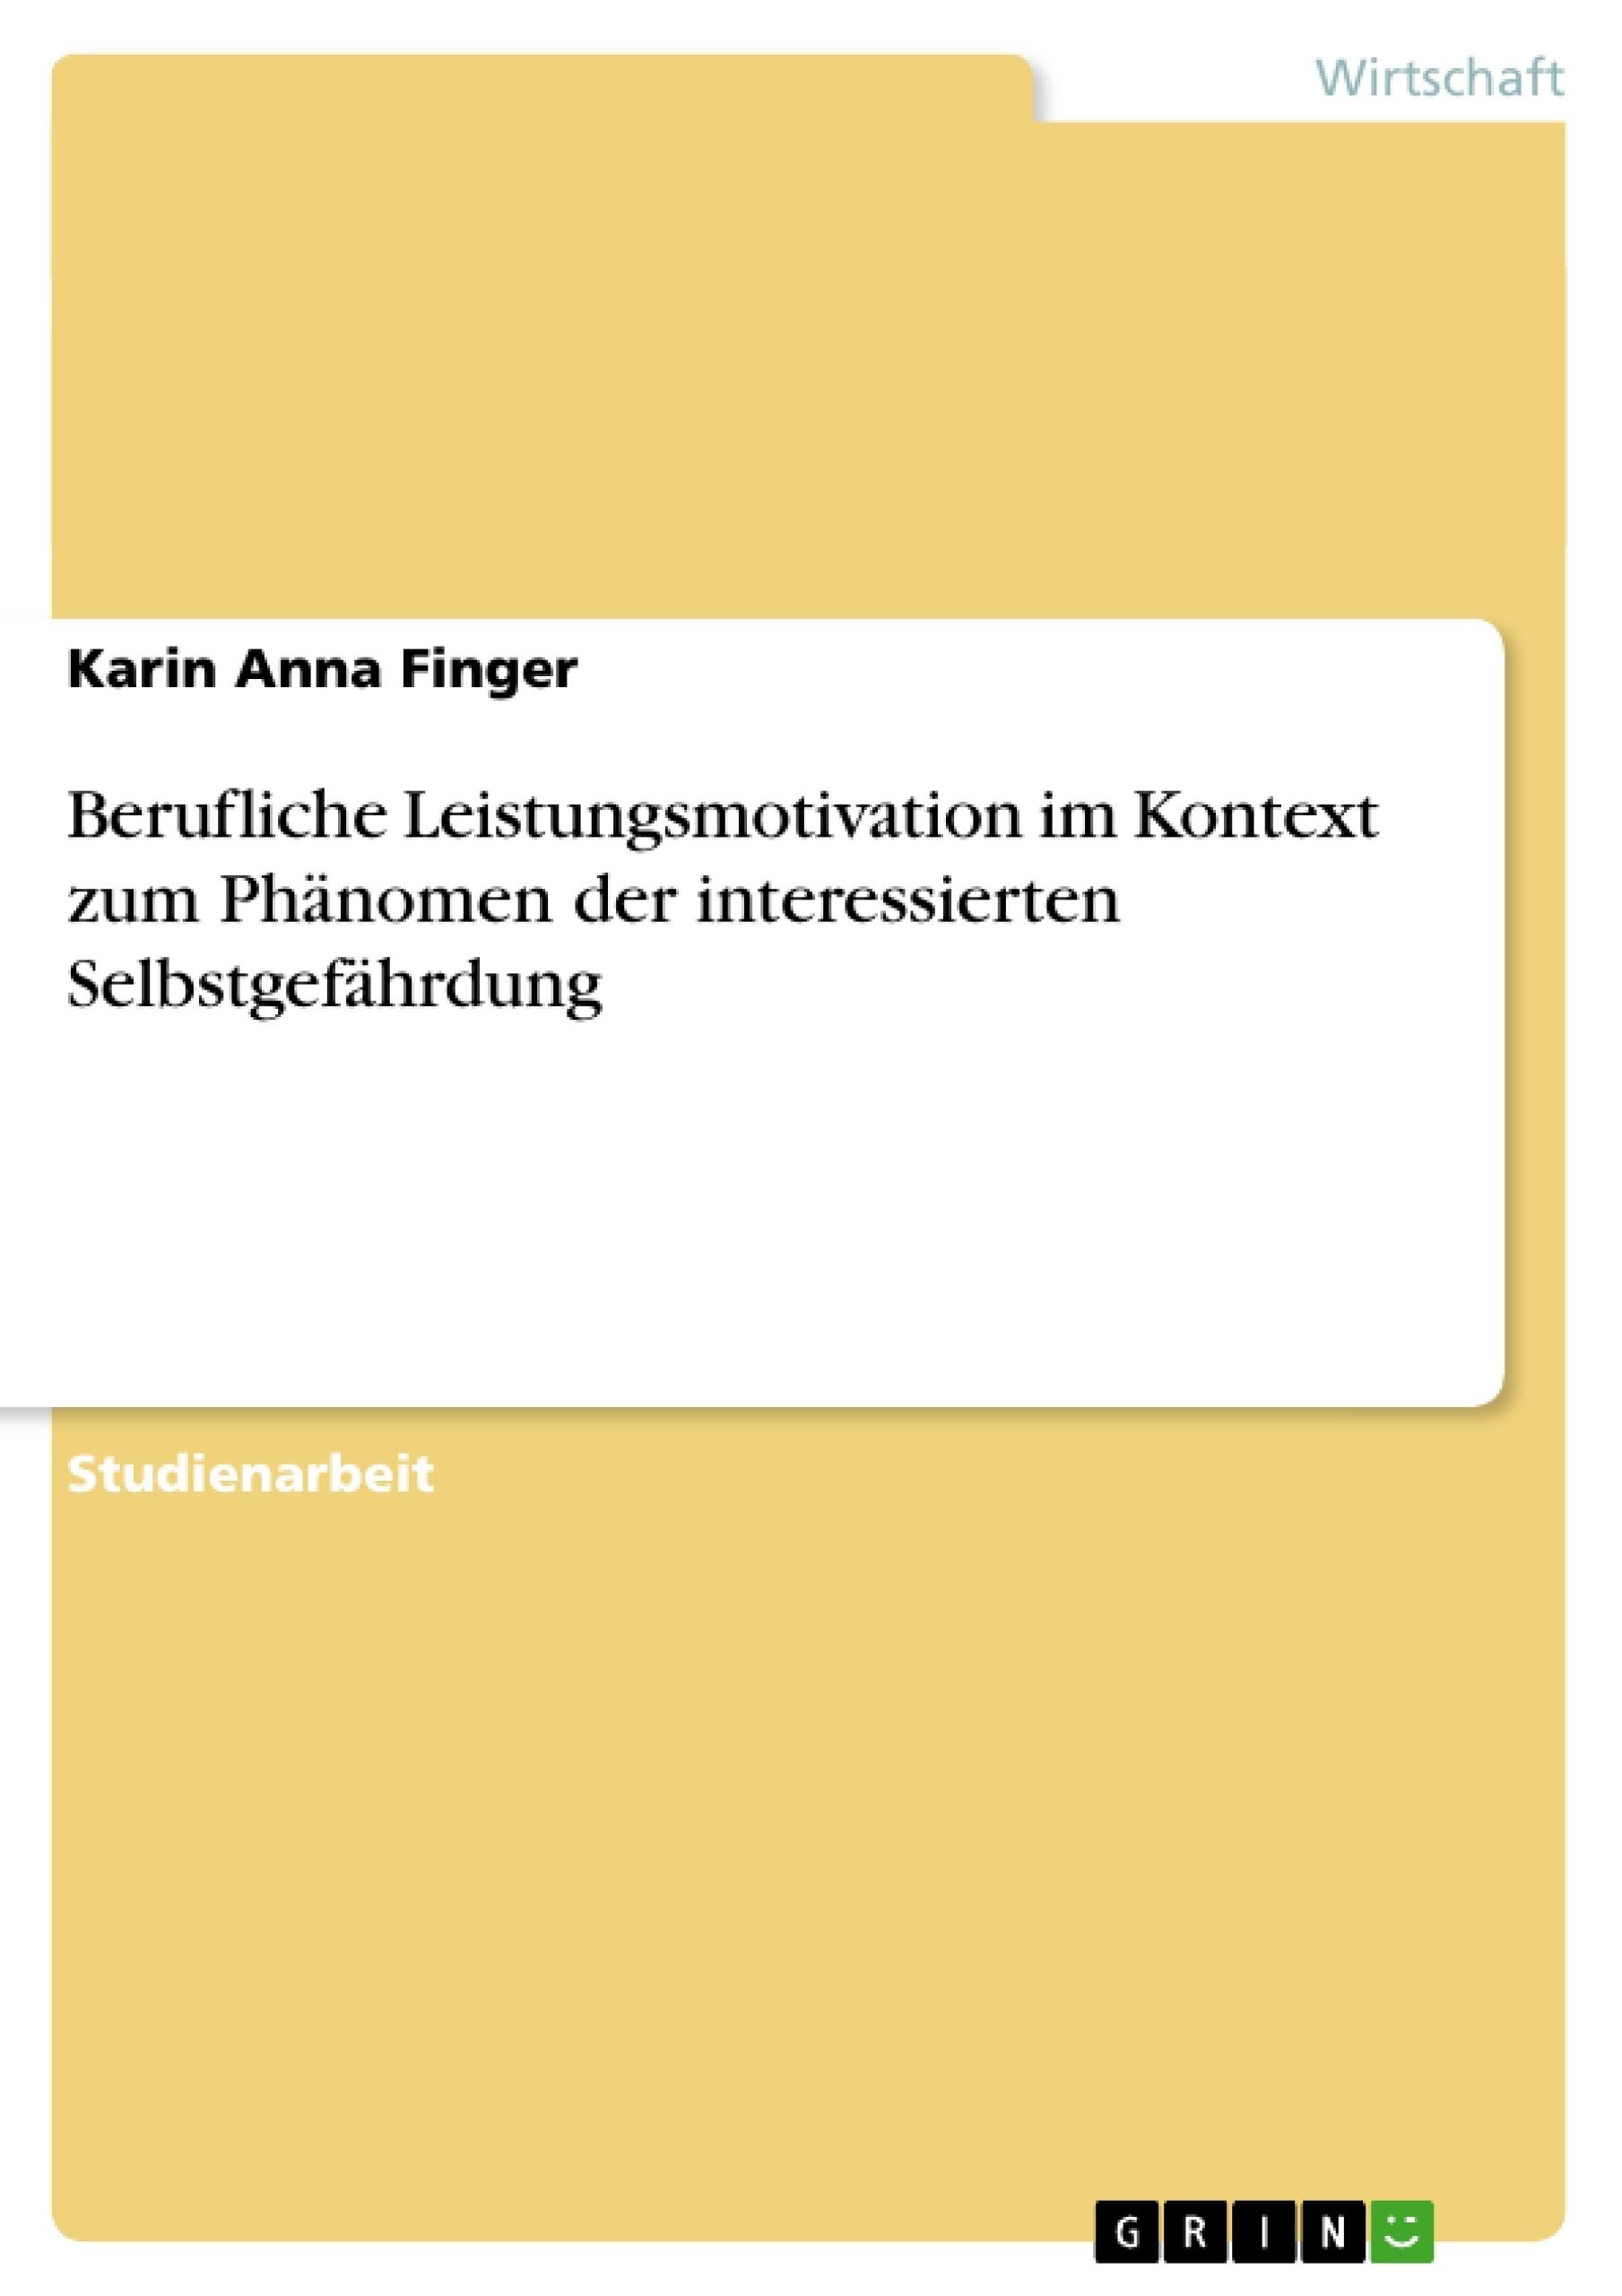 Titel: Berufliche Leistungsmotivation im Kontext zum Phänomen der interessierten Selbstgefährdung